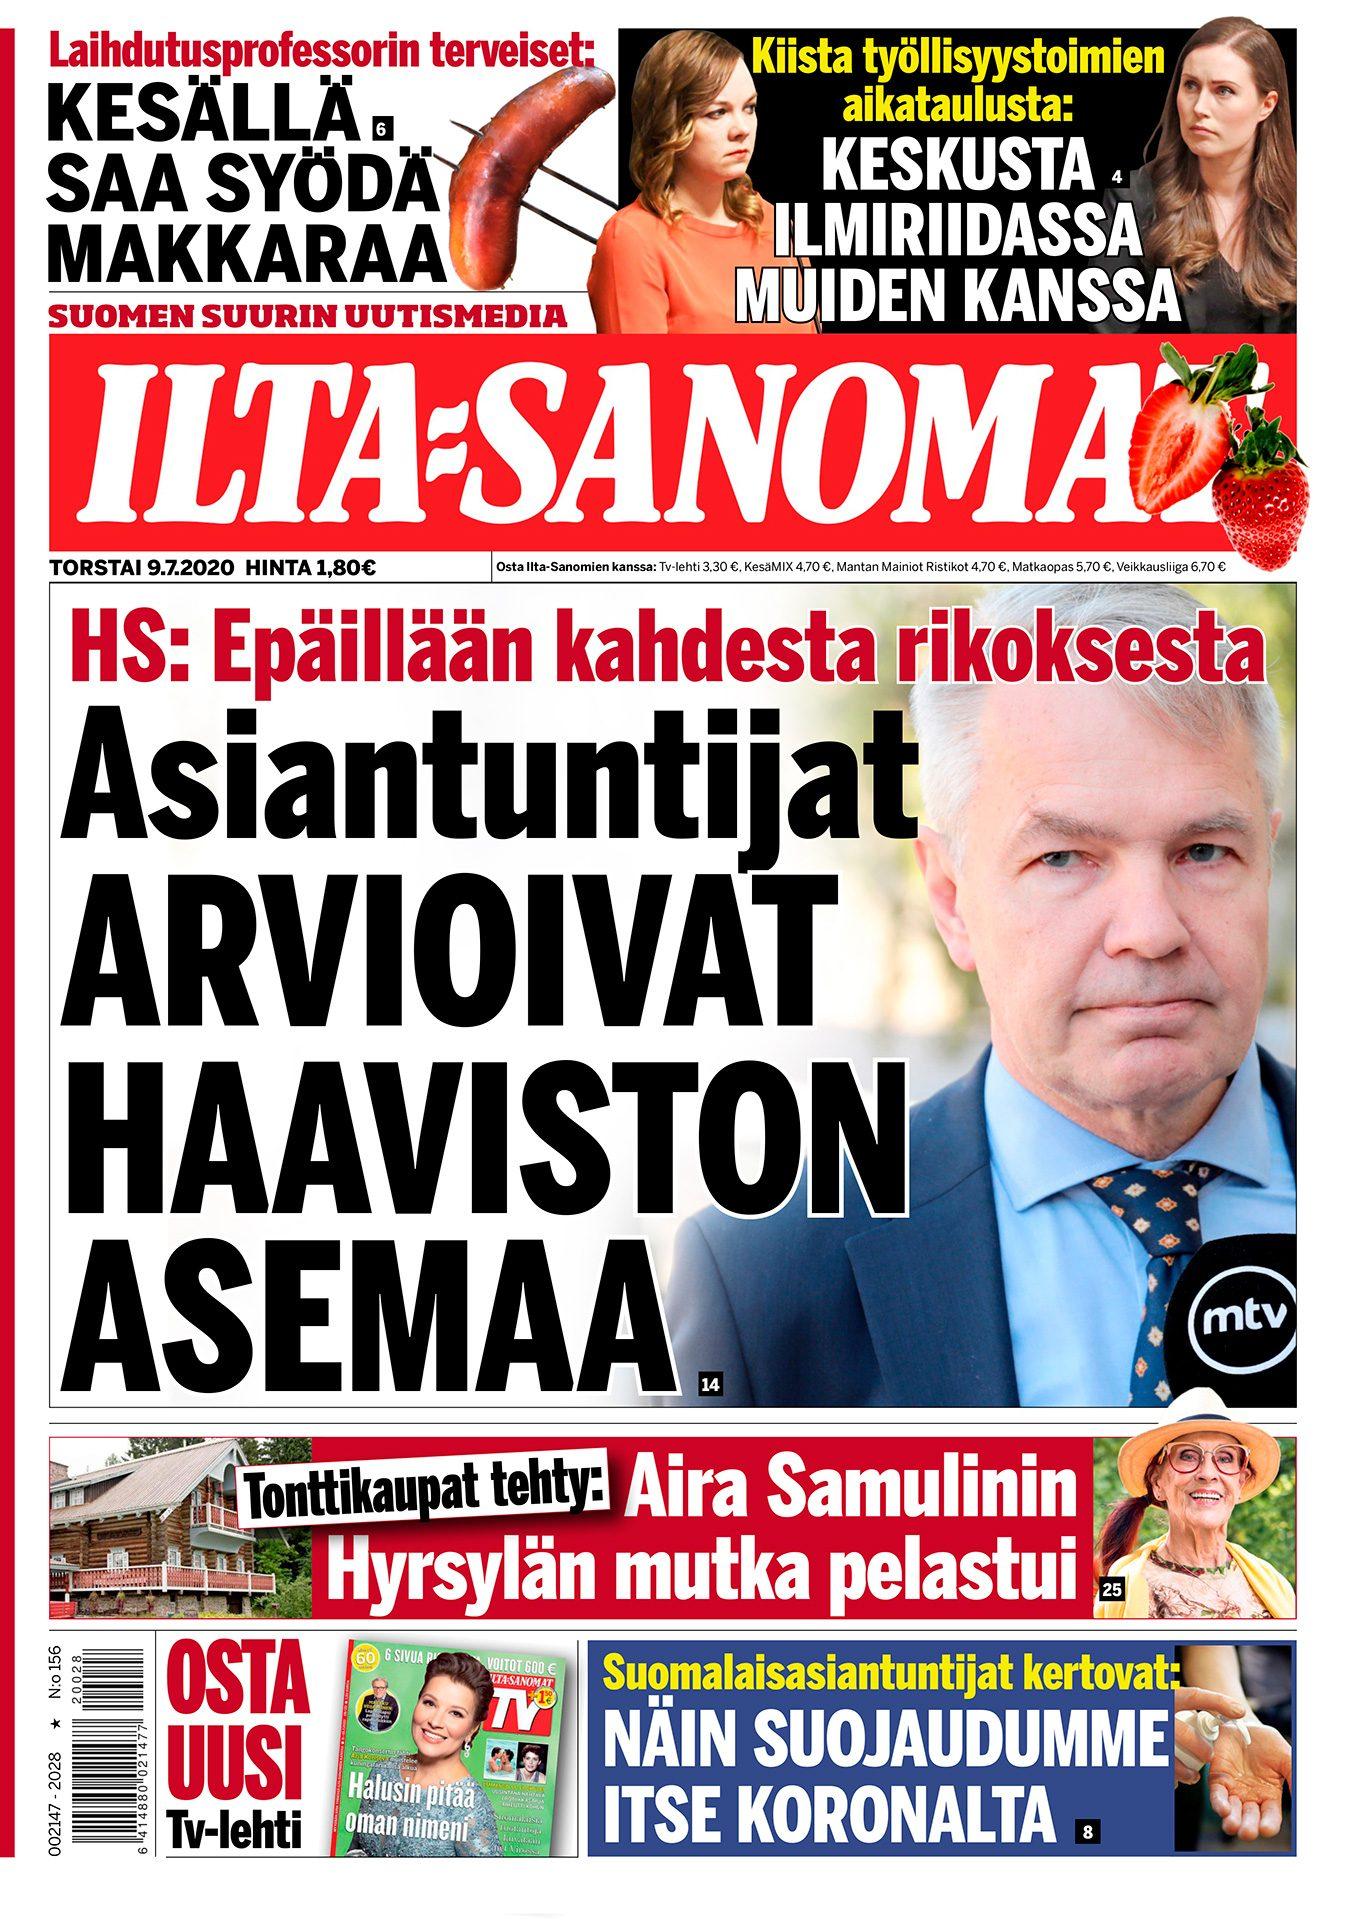 Ilta-Sanomat, Pekka Haavisto, poliitikko